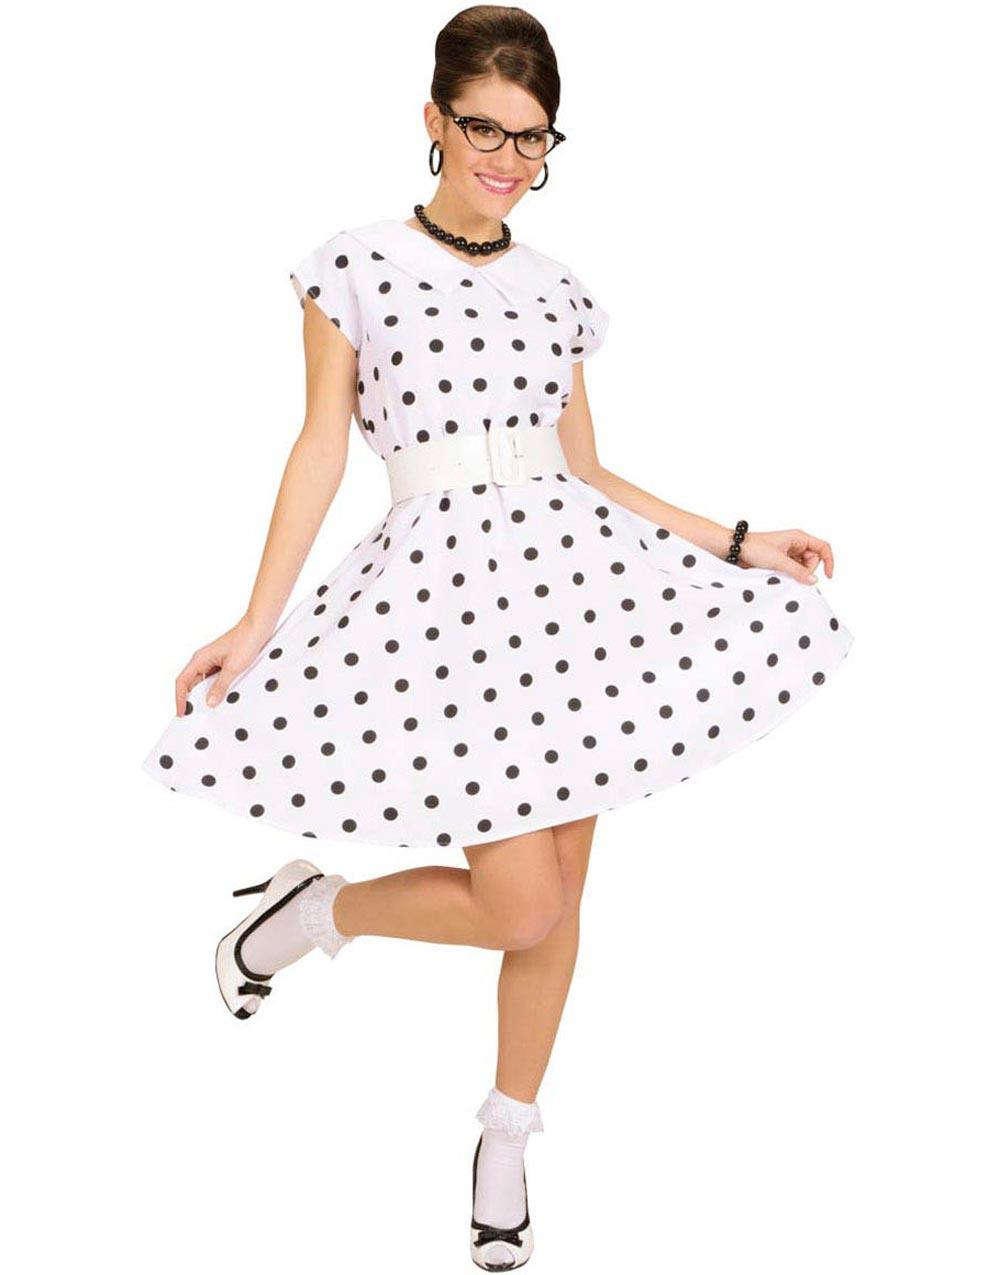 50 Talls Hvit Kjole med Prikker Kostyme